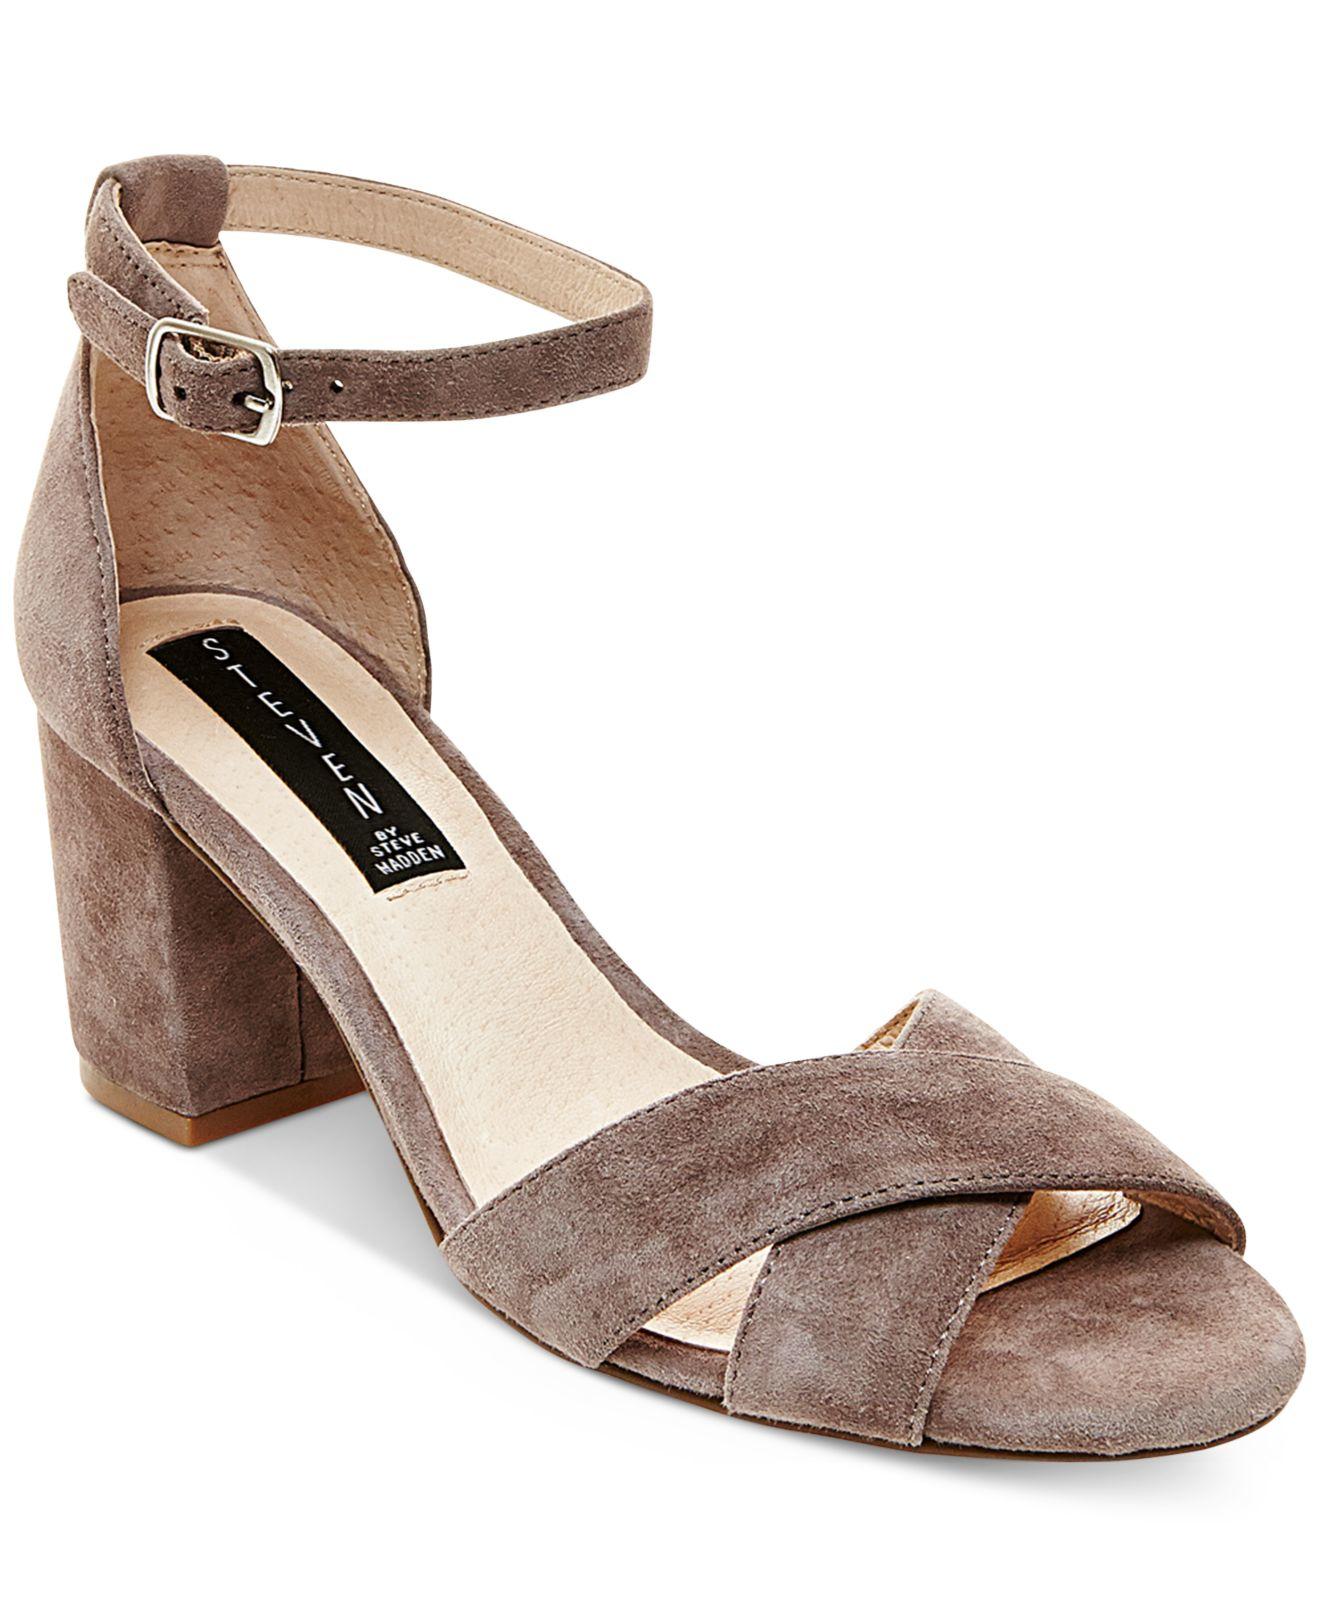 Maliparmi Shoes Uk